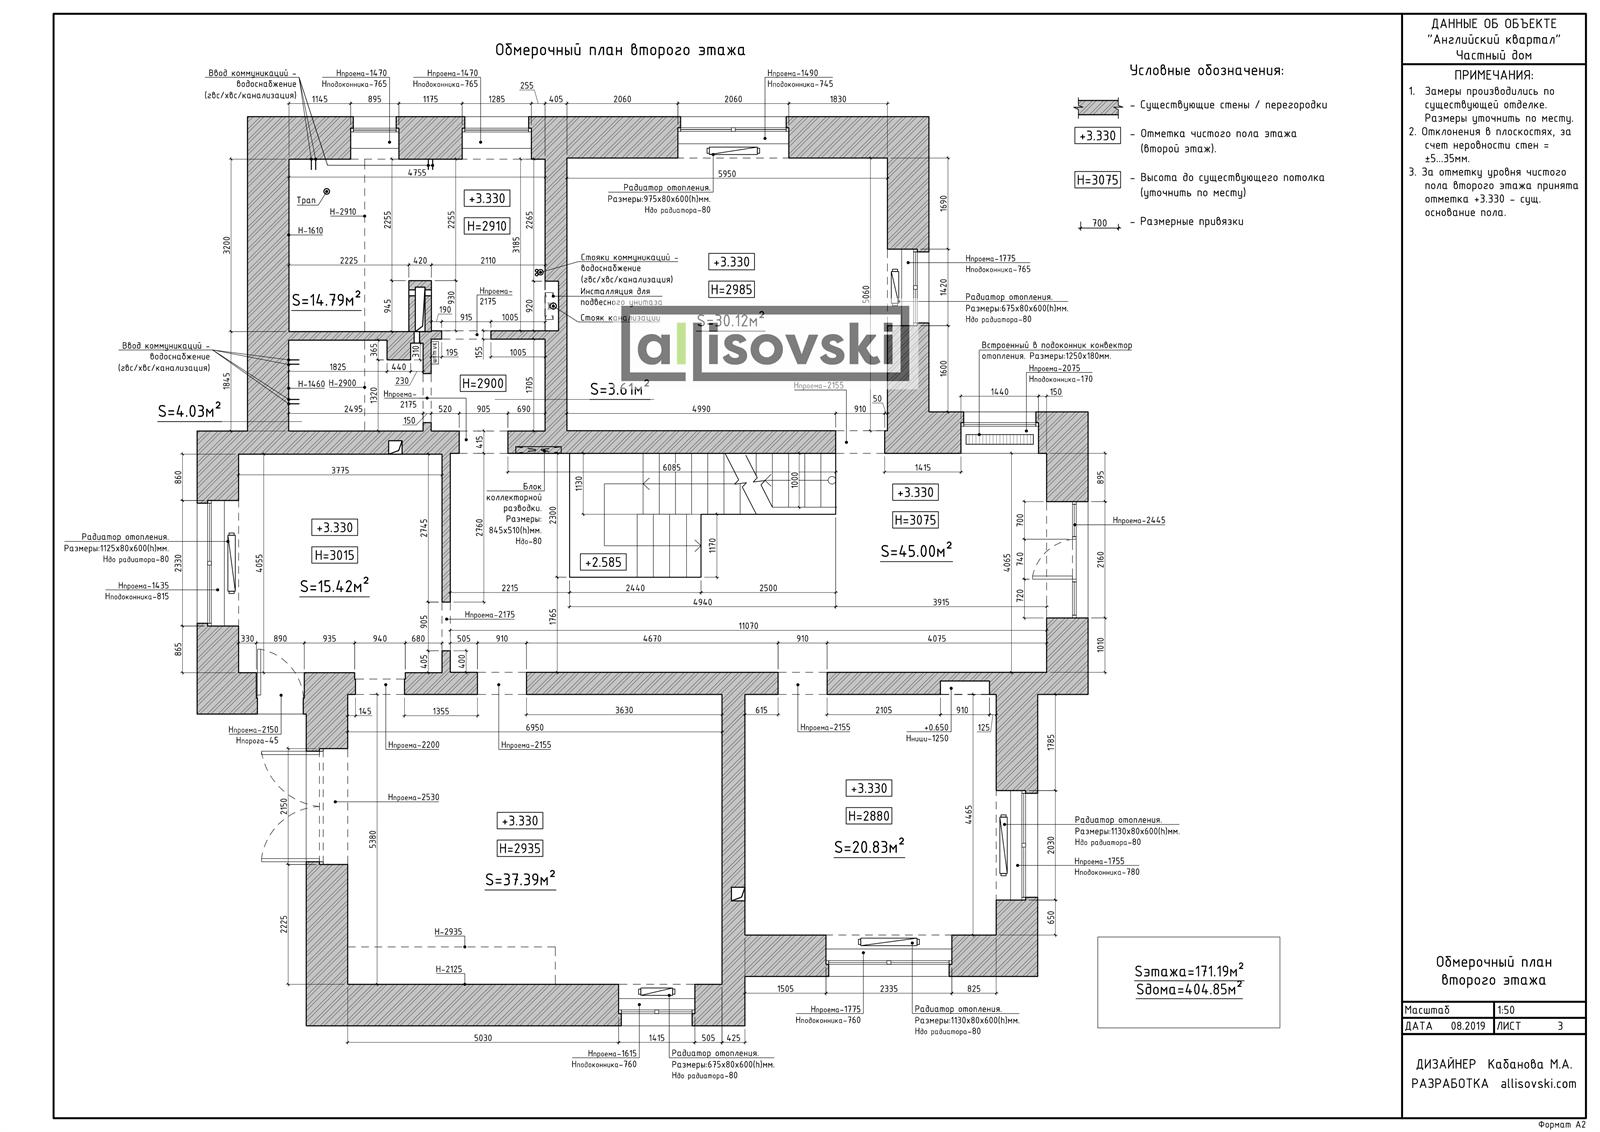 Обмерочный план второй этаж дома